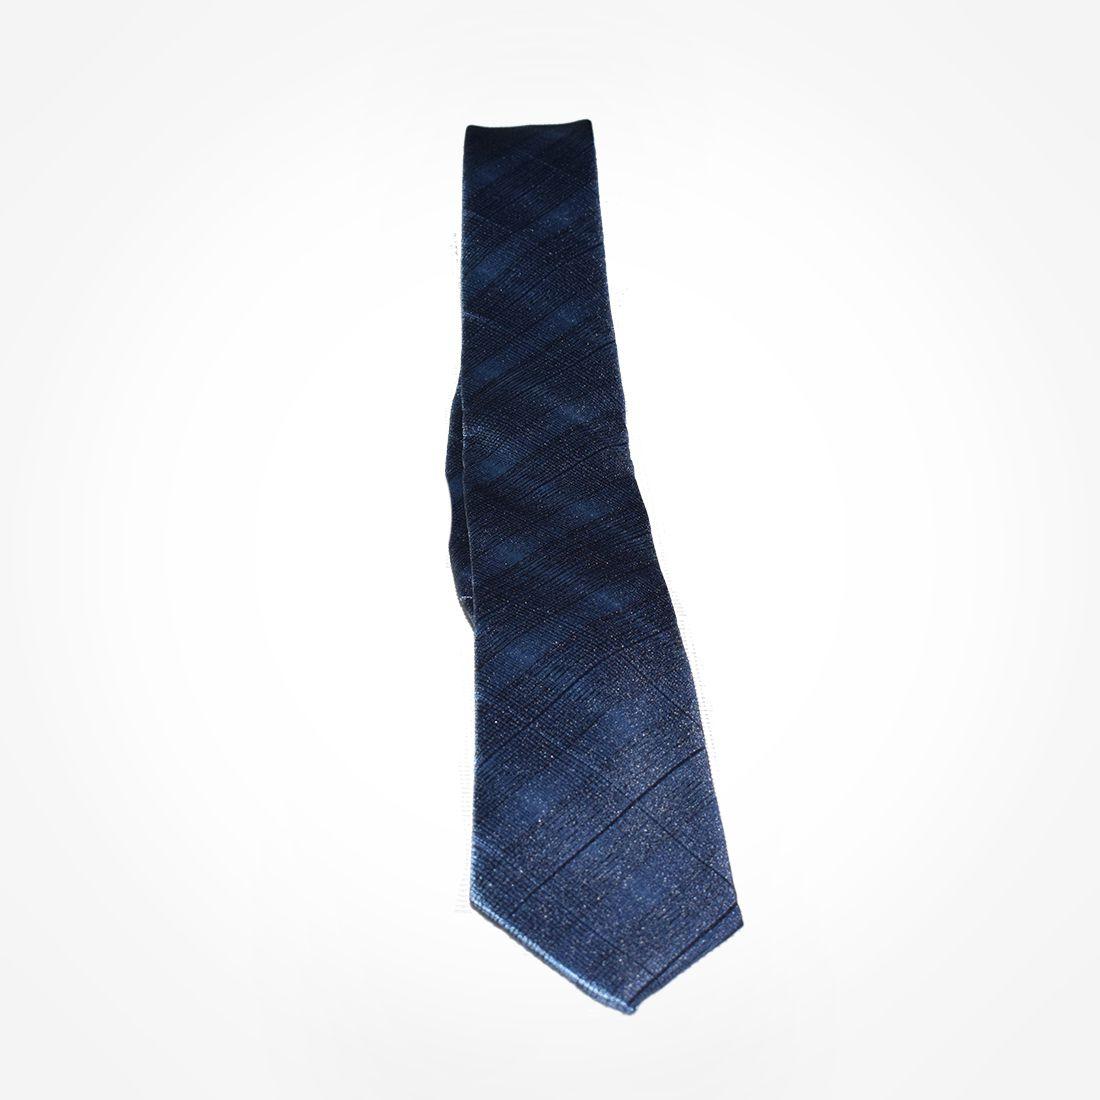 4022 - Gravata Azul Trançada Slim - LEVOK